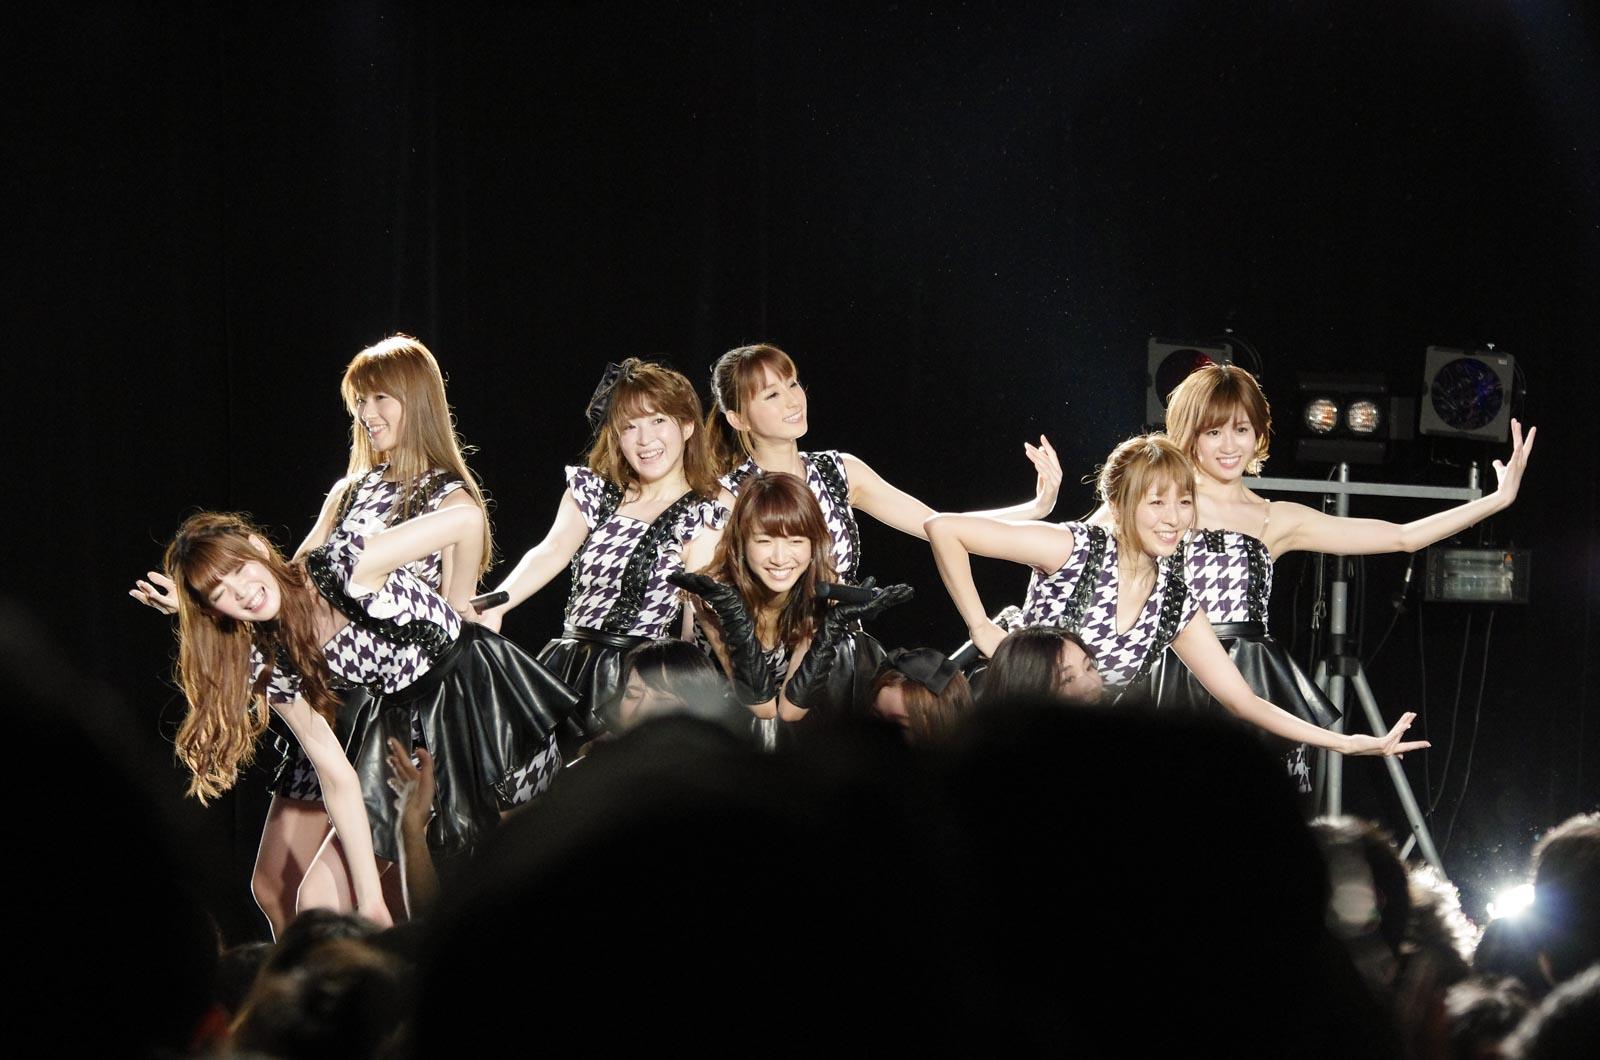 predia party(ワンマンLIVE)新宿BLAZE